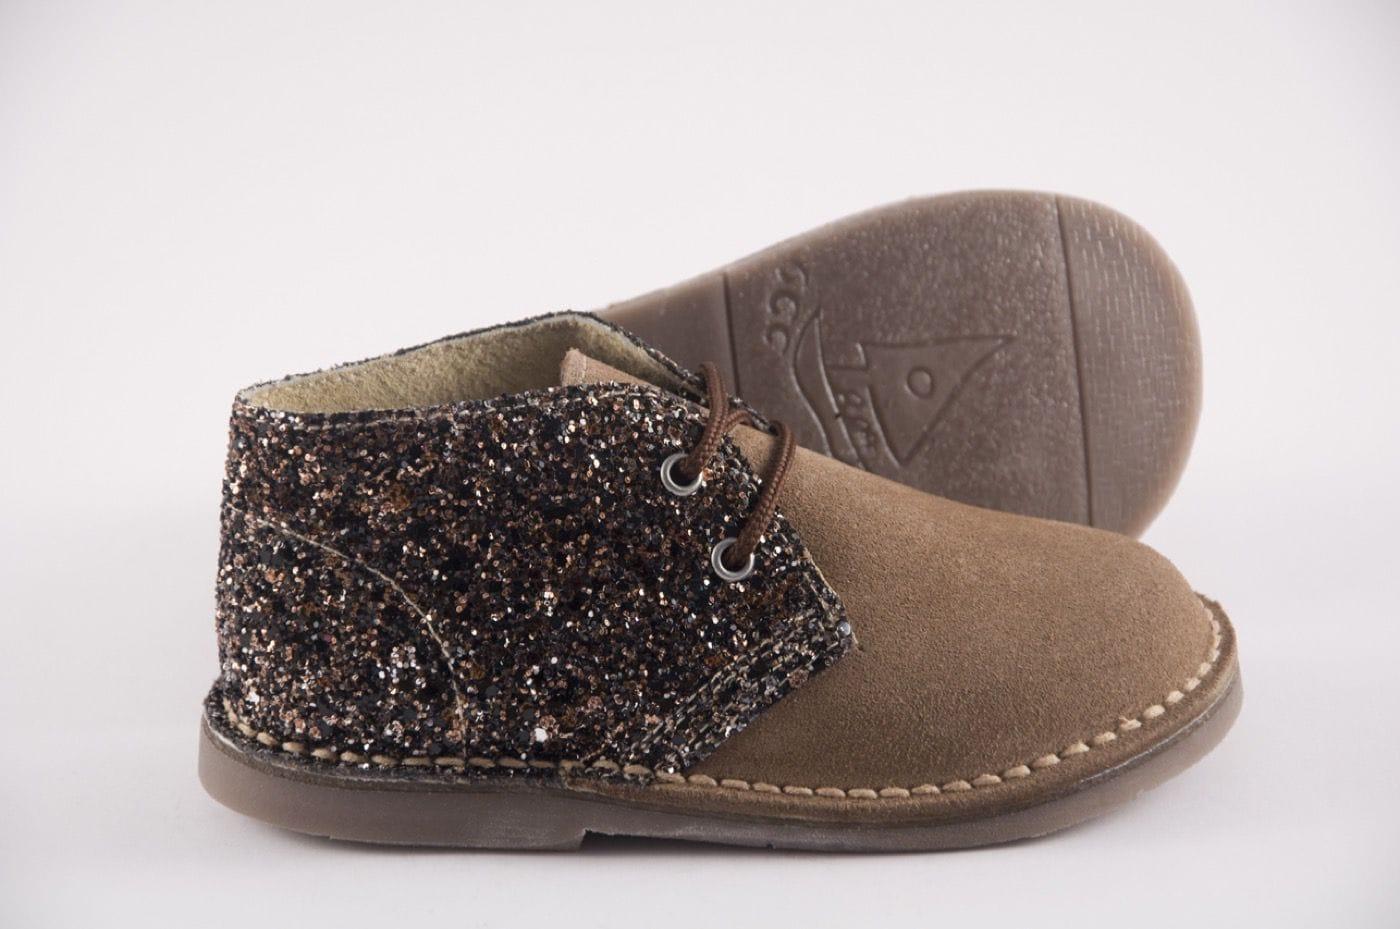 1a213f8f7 Comprar zapato tipo JOVEN NIÑA estilo BOTAS COLOR CAMEL GLITTER ...